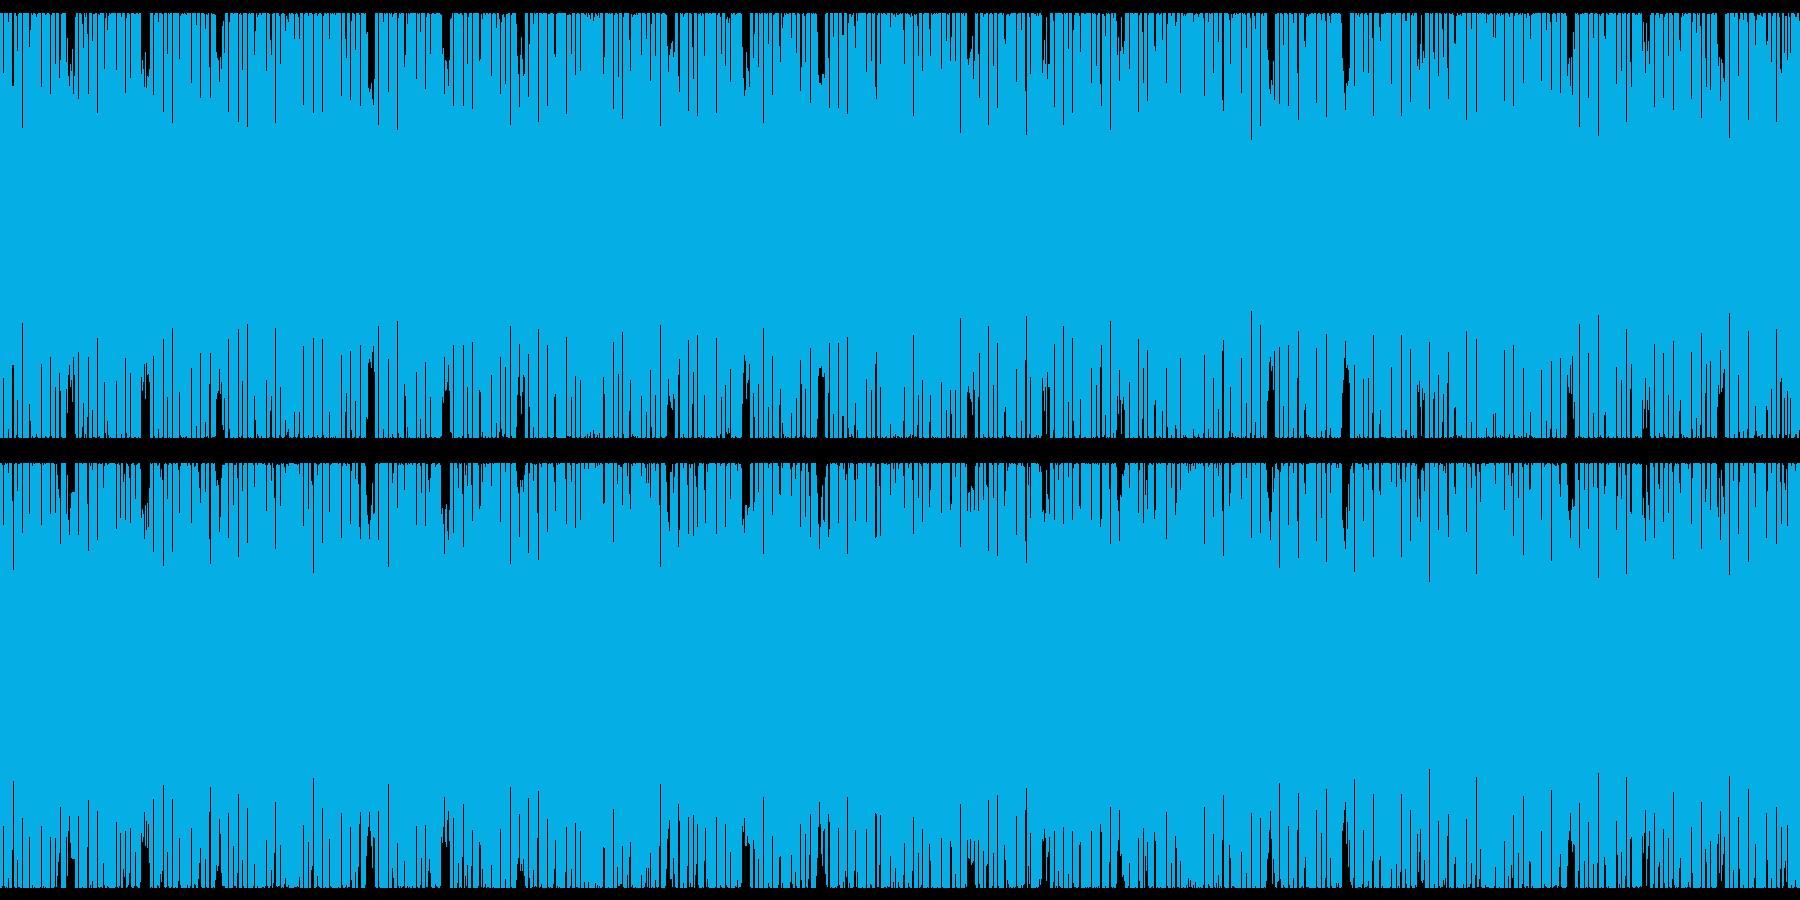 ピコピコキラキラテクノポップの再生済みの波形